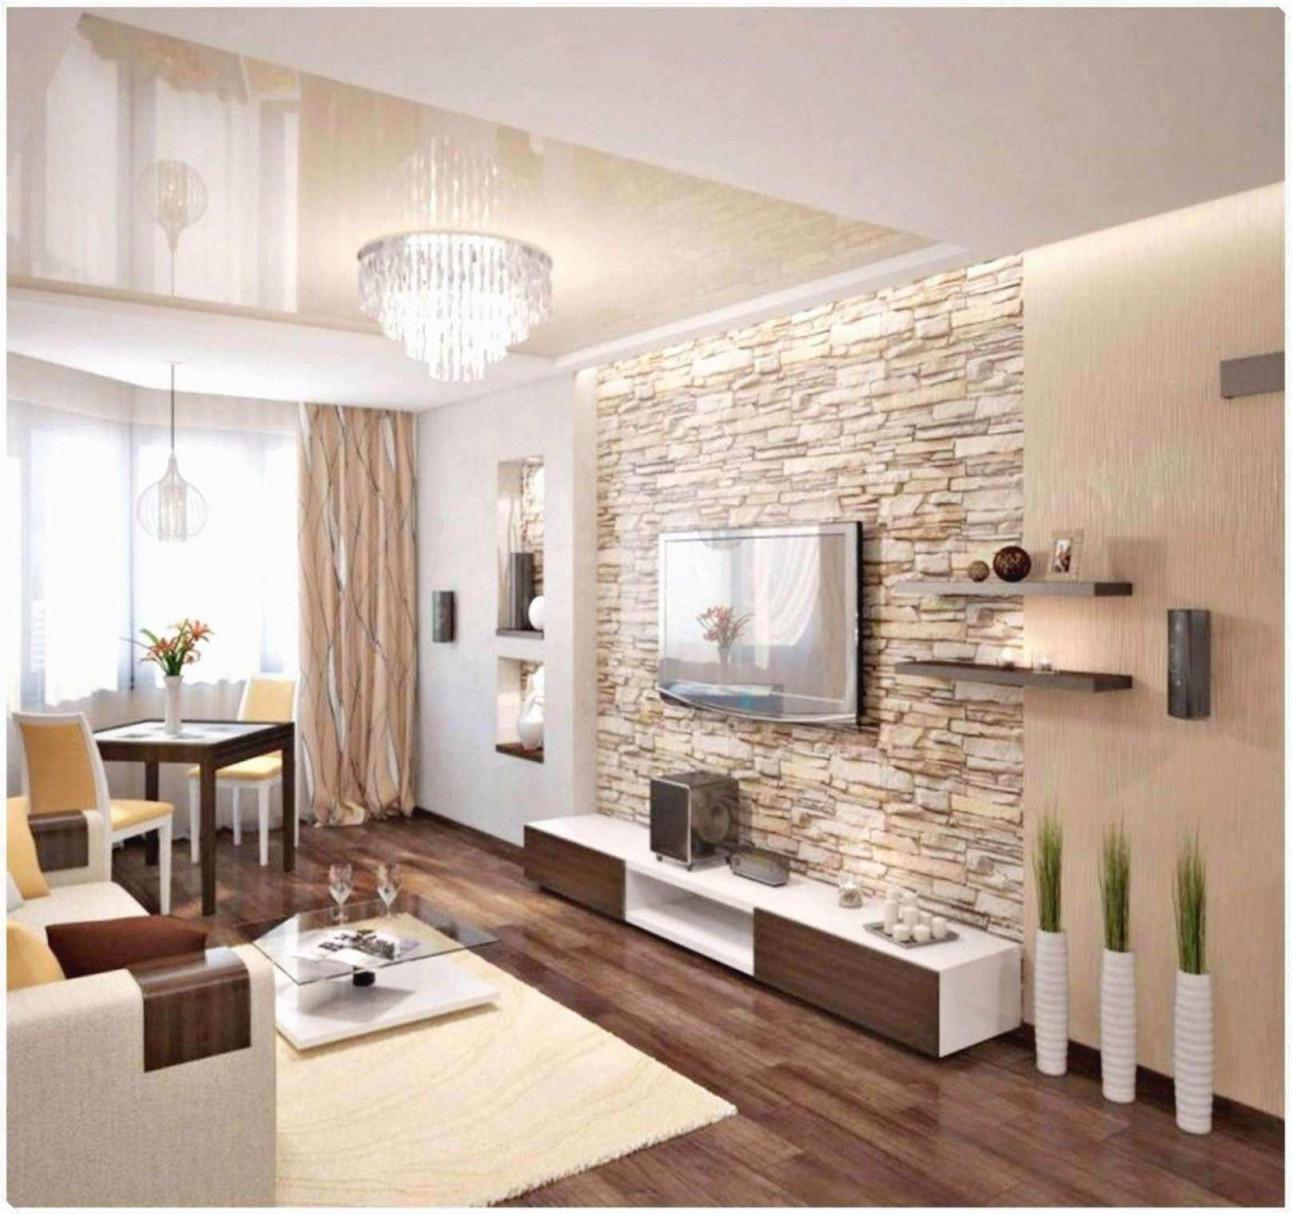 Wohnzimmerwand Braun – Caseconrad von Tapeten Wohnzimmer Brauntöne Photo